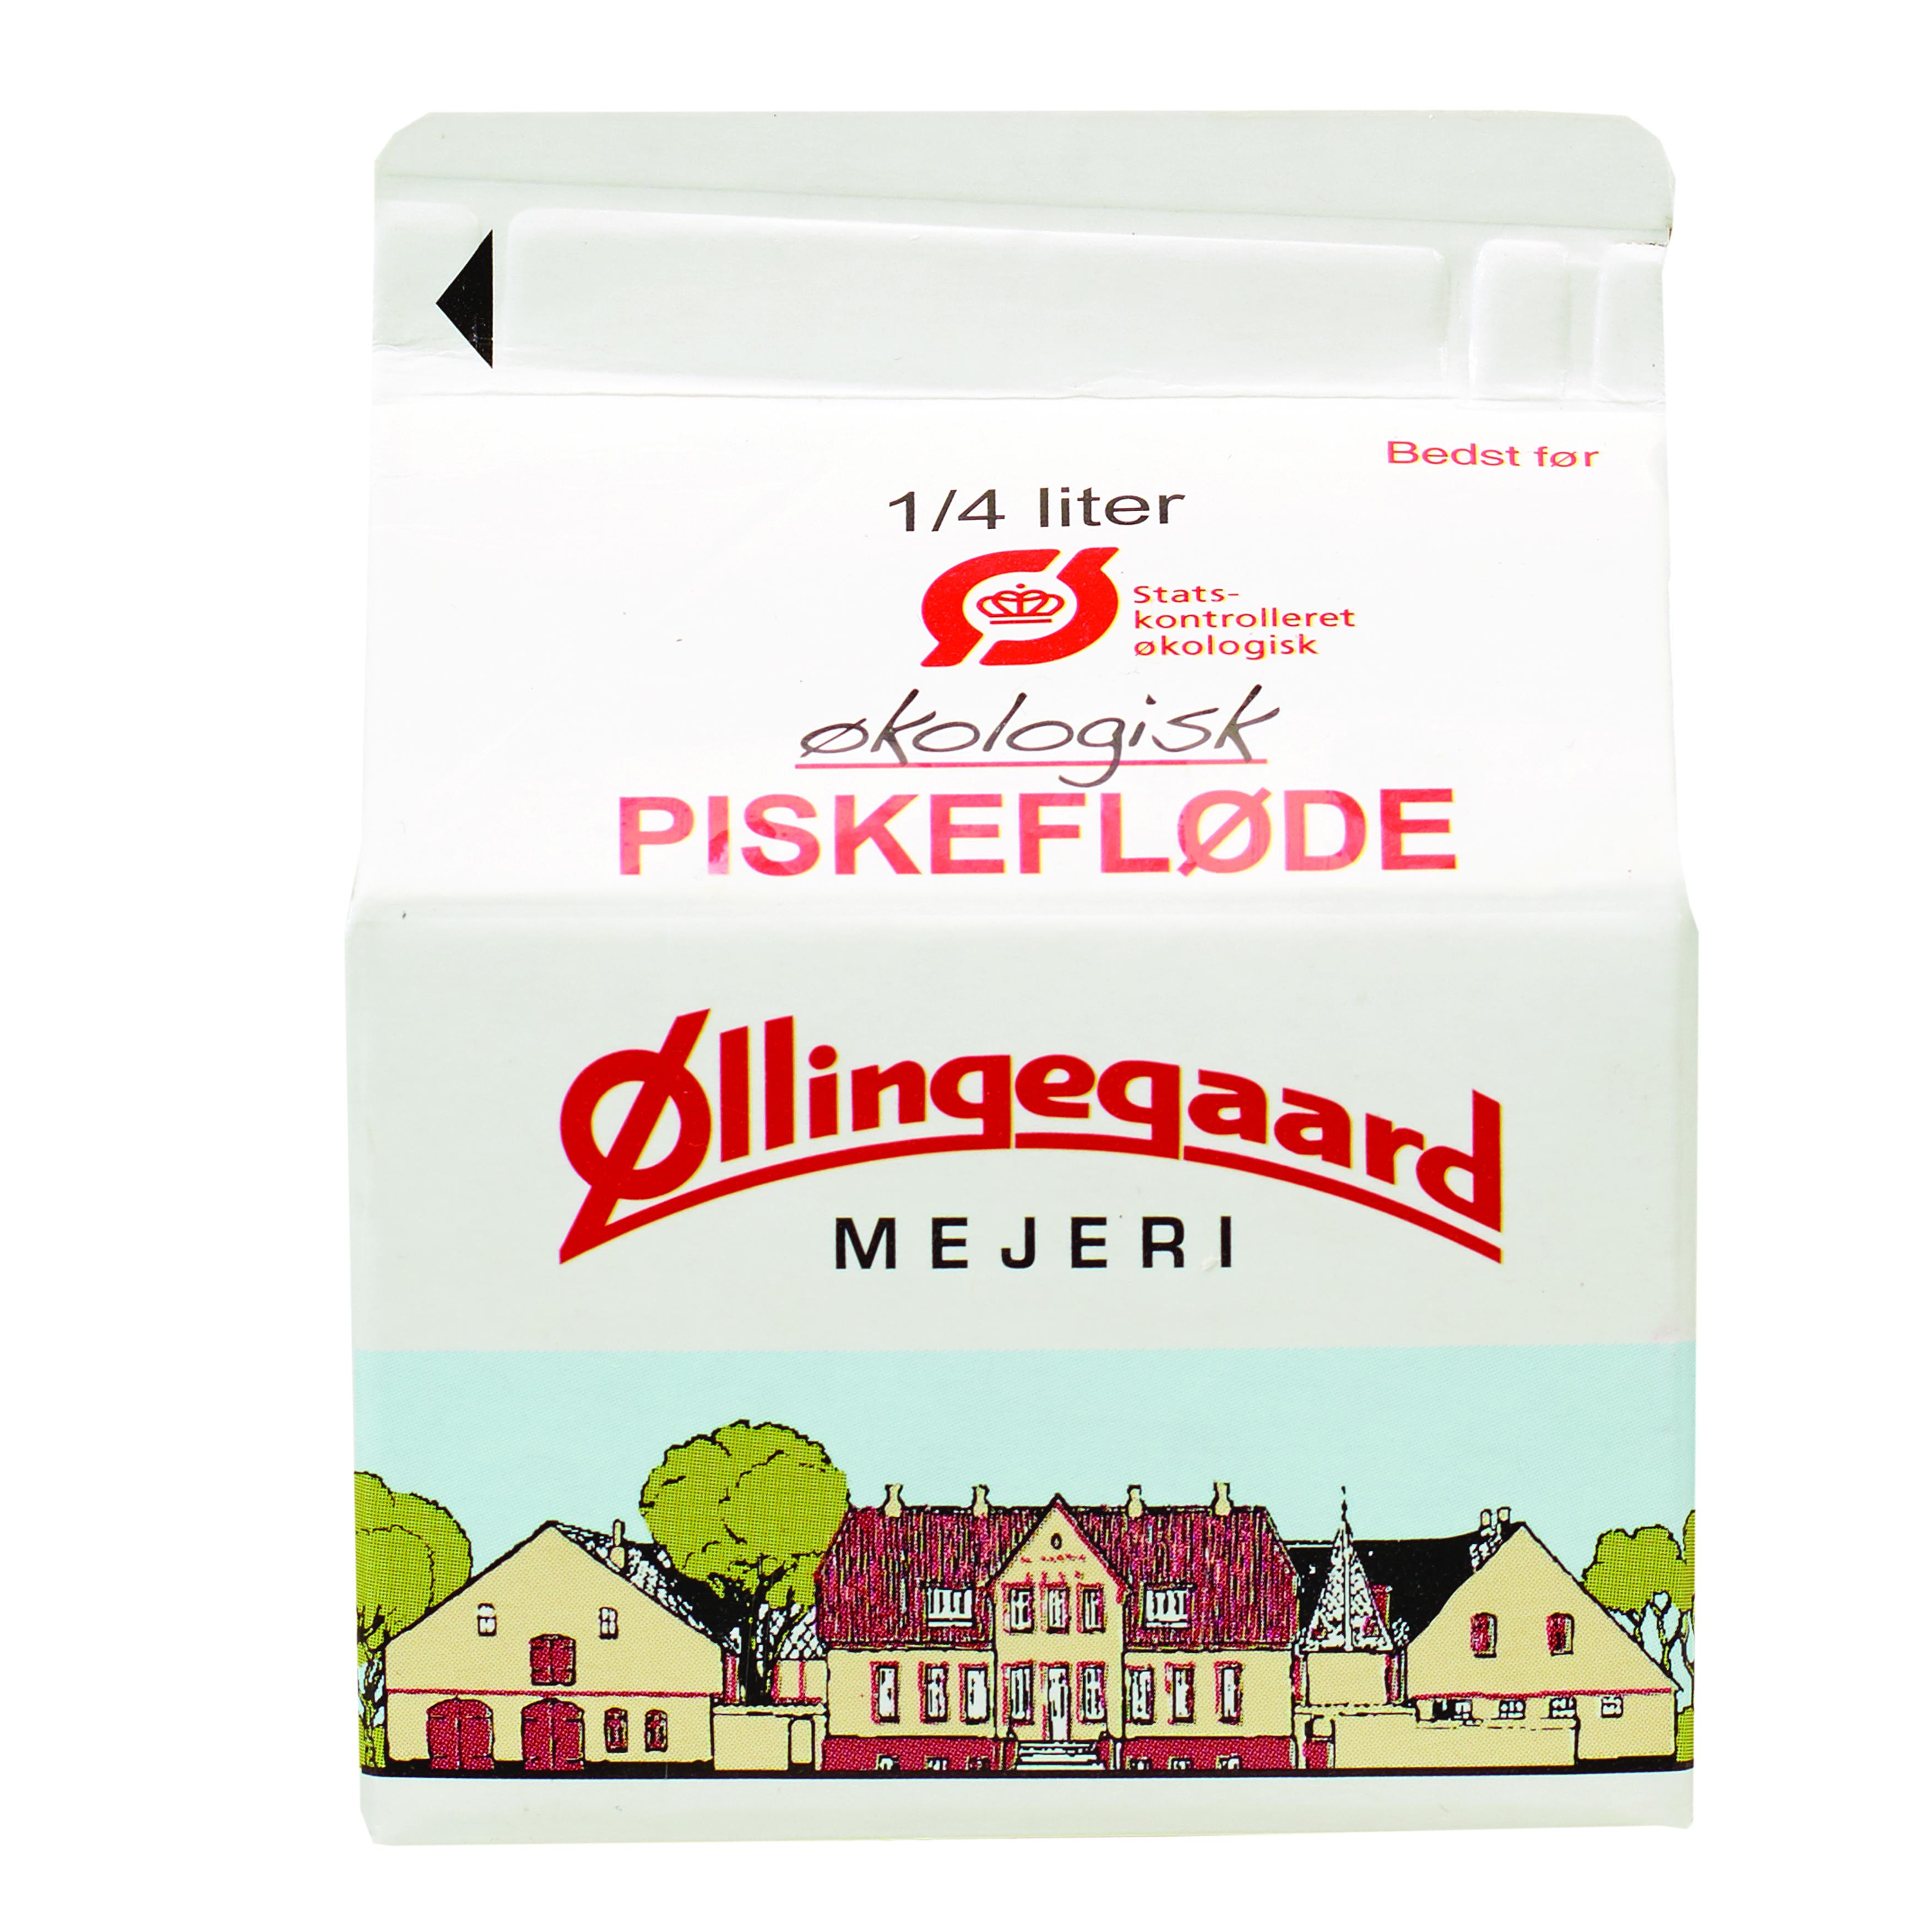 Folkekære Piskefløde 38% 0.25L – øllingegaard.dk FY-46